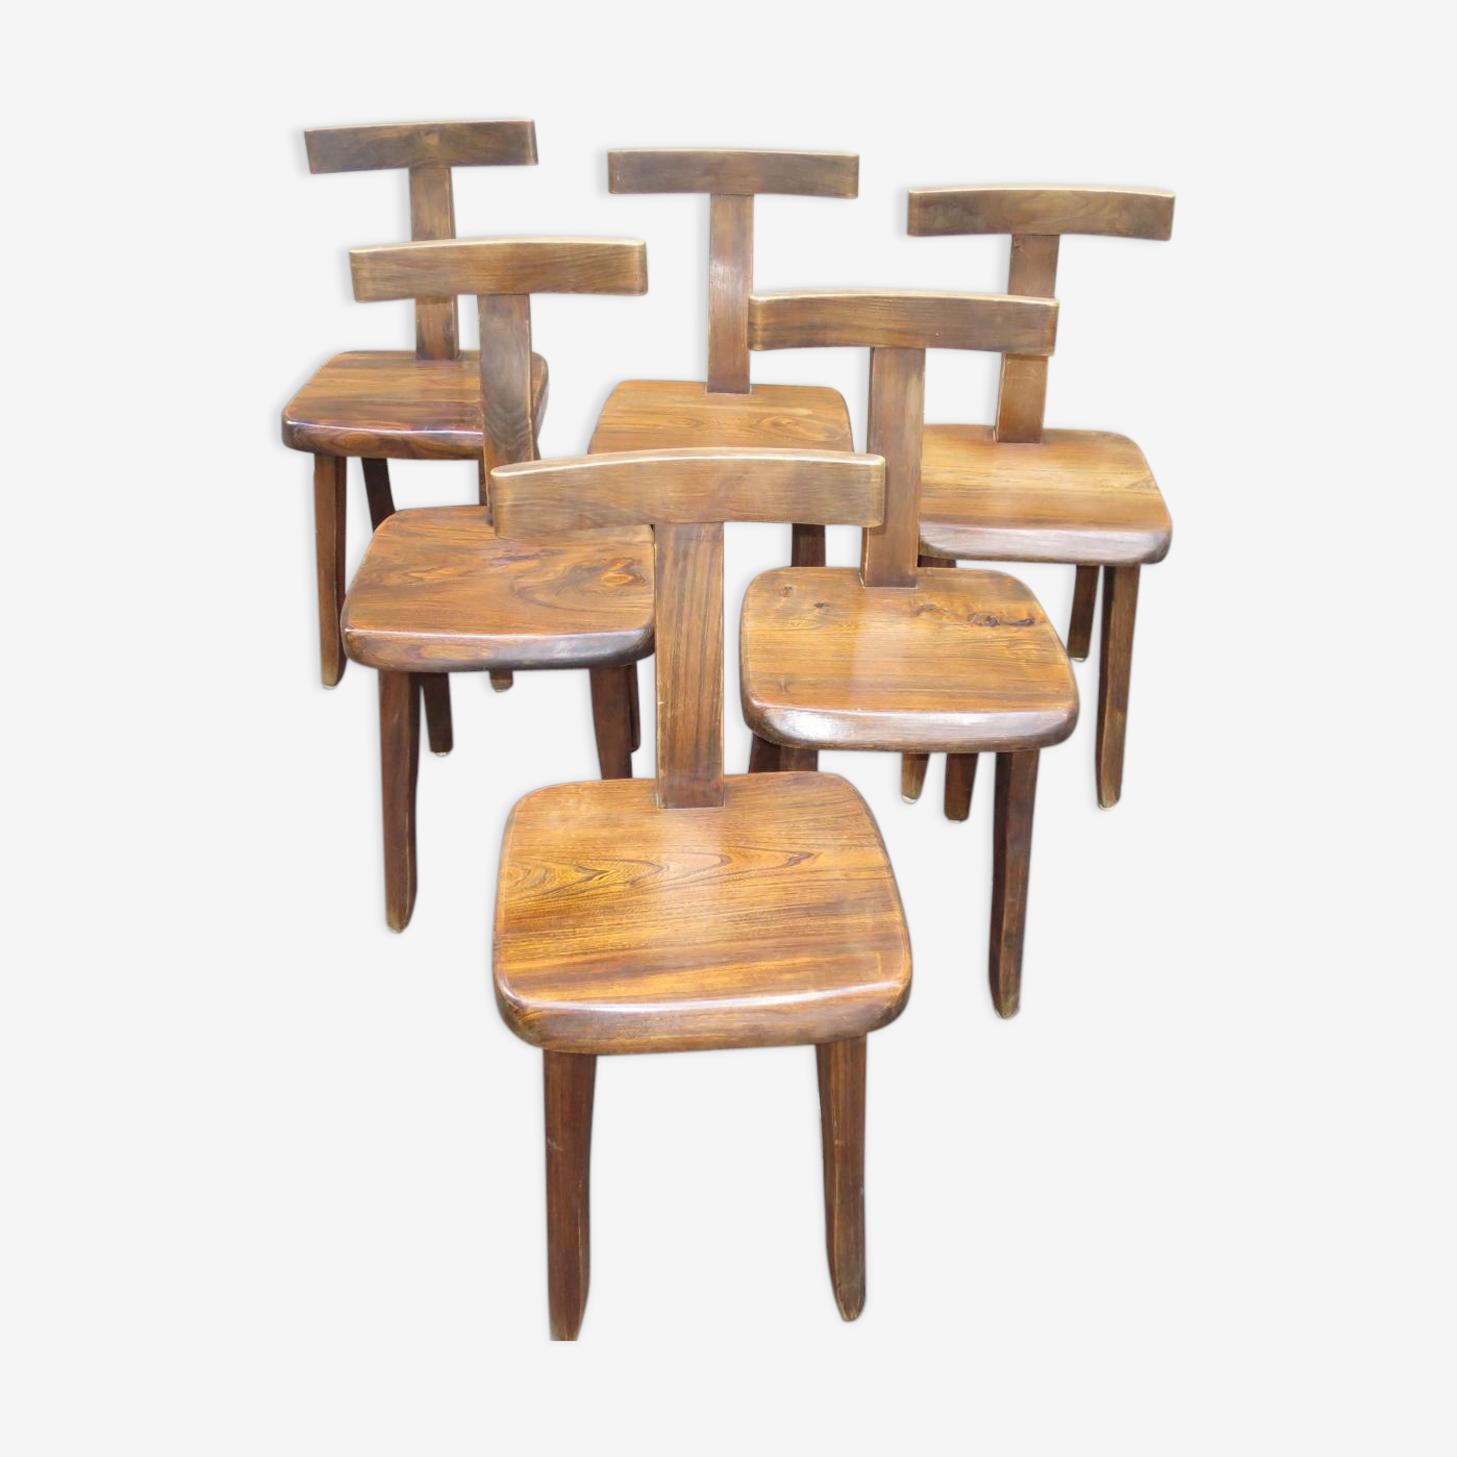 """Suite de 6 chaises """"T"""" par Olavi Hanninen design scandinave brutaliste Ed. Mikko Nupponen"""